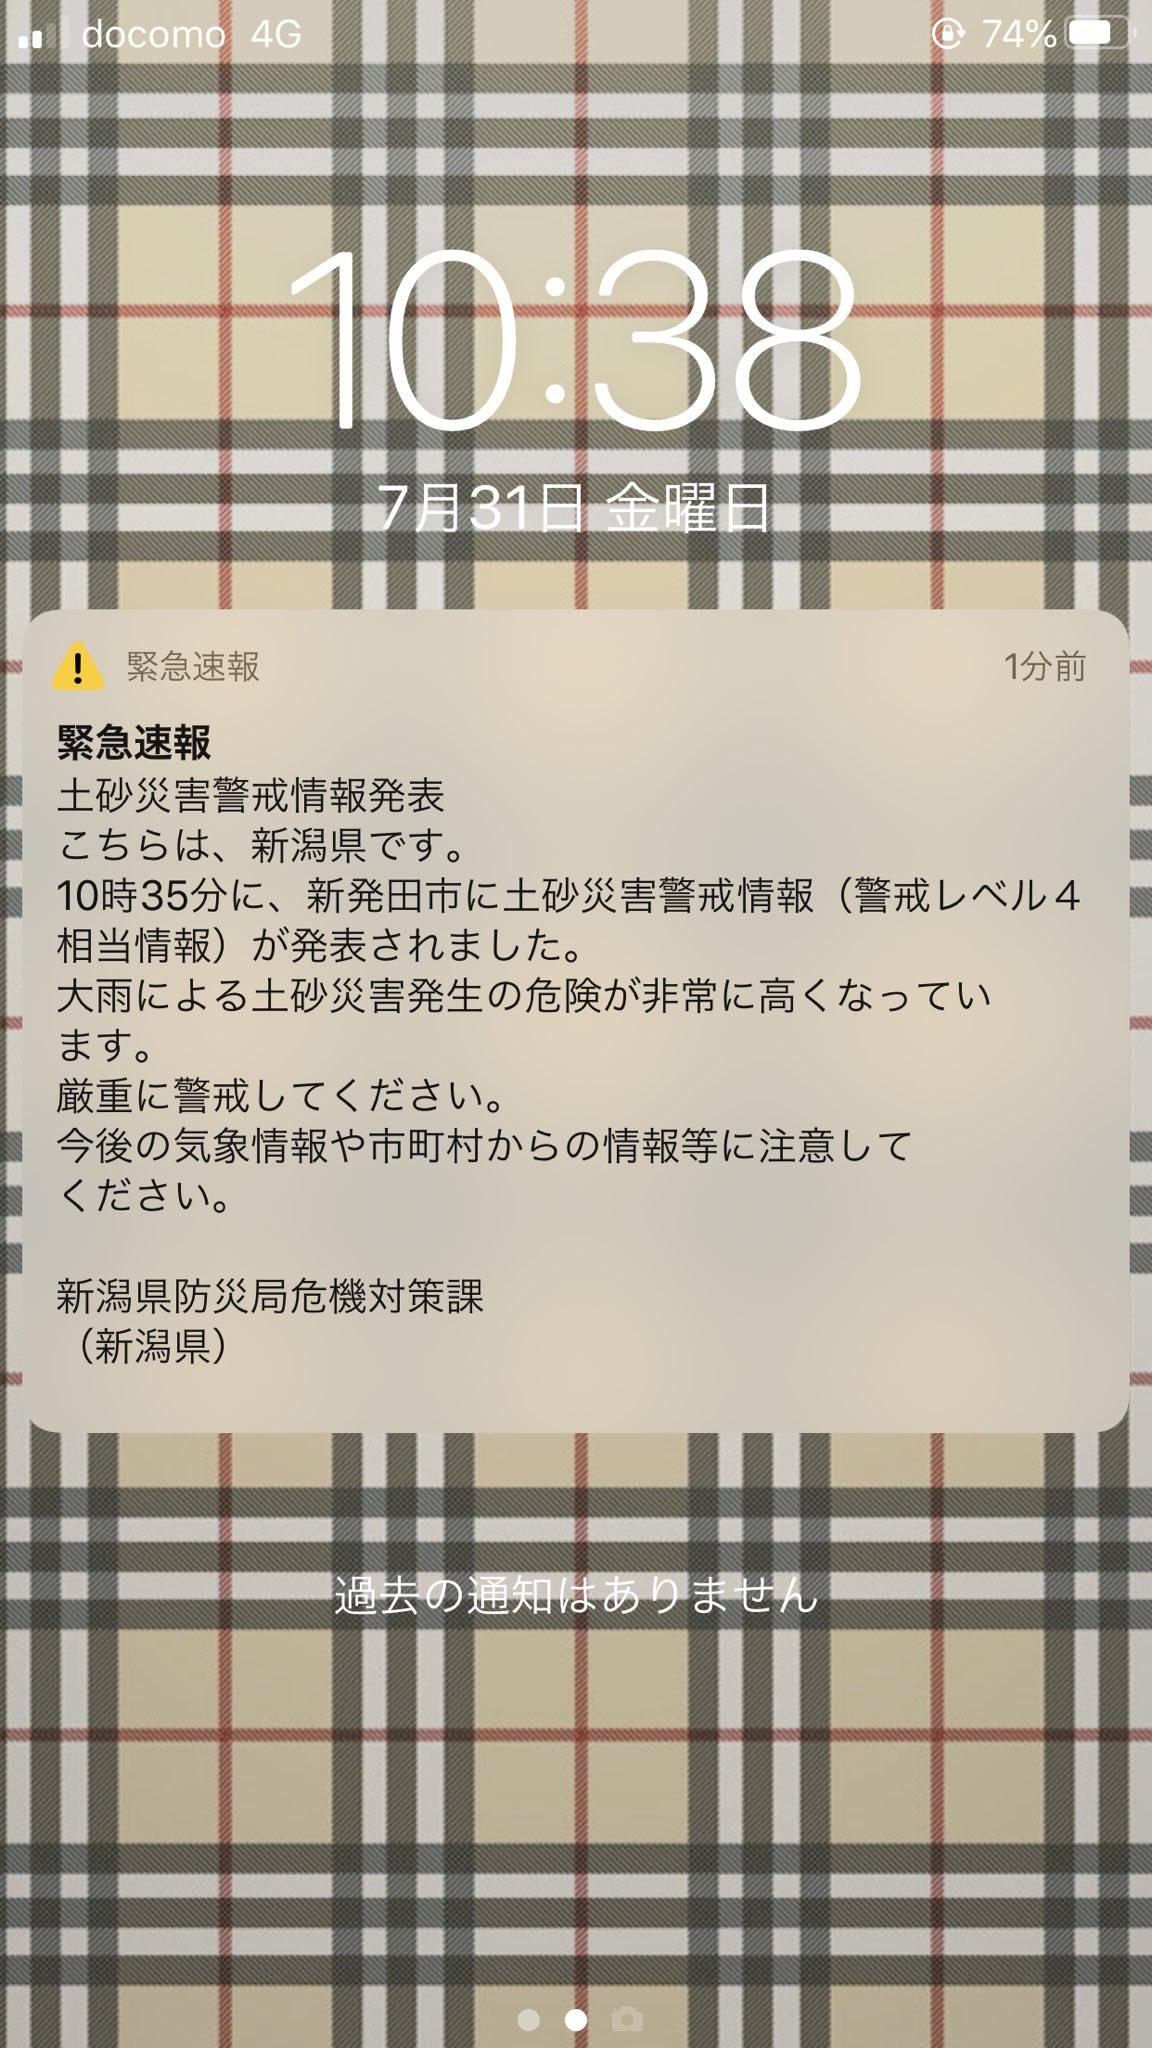 画像,新潟県新発田市の皆様お気を付けて☔️ https://t.co/cYEA67pNXd。